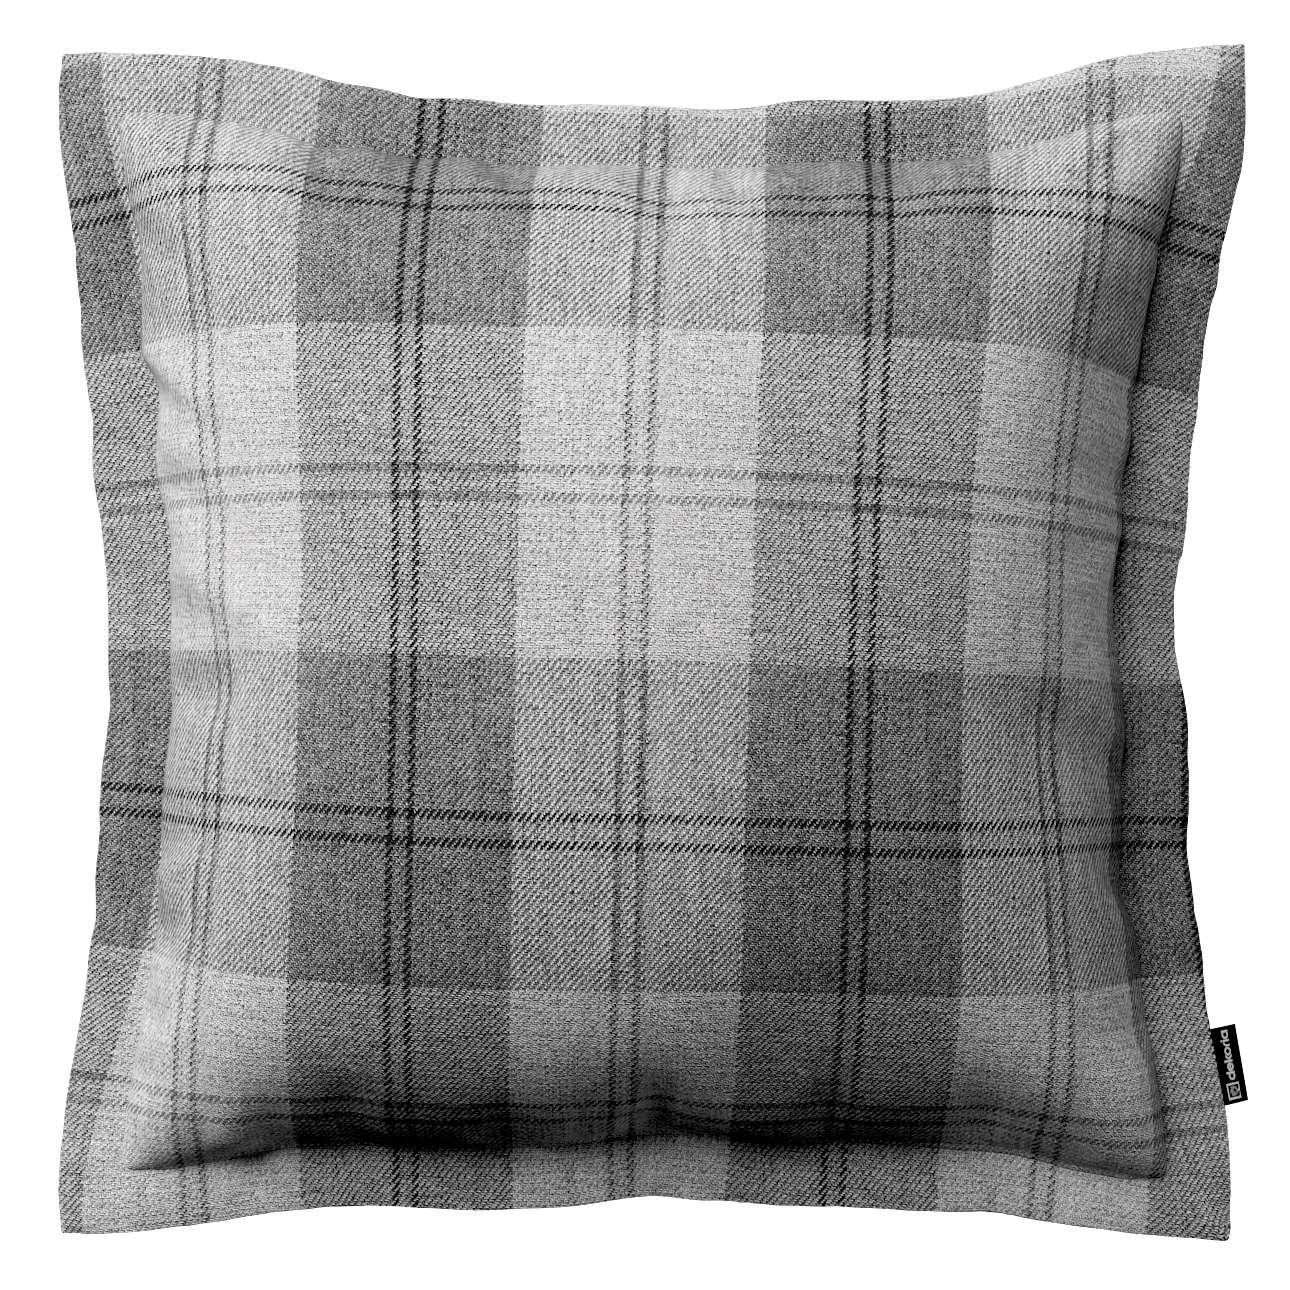 Poszewka Mona na poduszkę w kolekcji Edinburgh, tkanina: 115-75